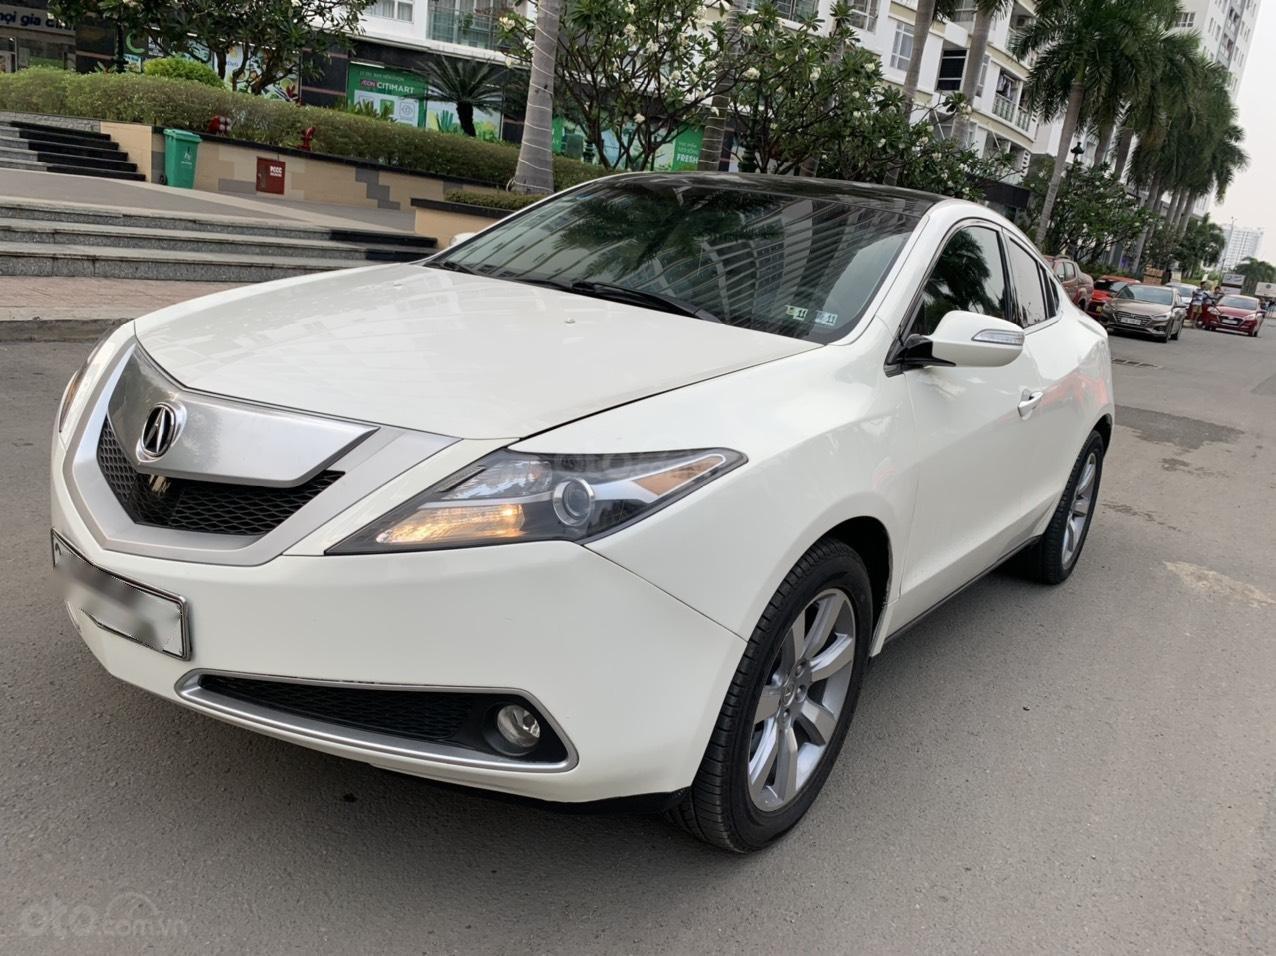 Cần bán xe Acura ZDX SX 2010, màu trắng giá 1 tỷ 130 triệu (10)